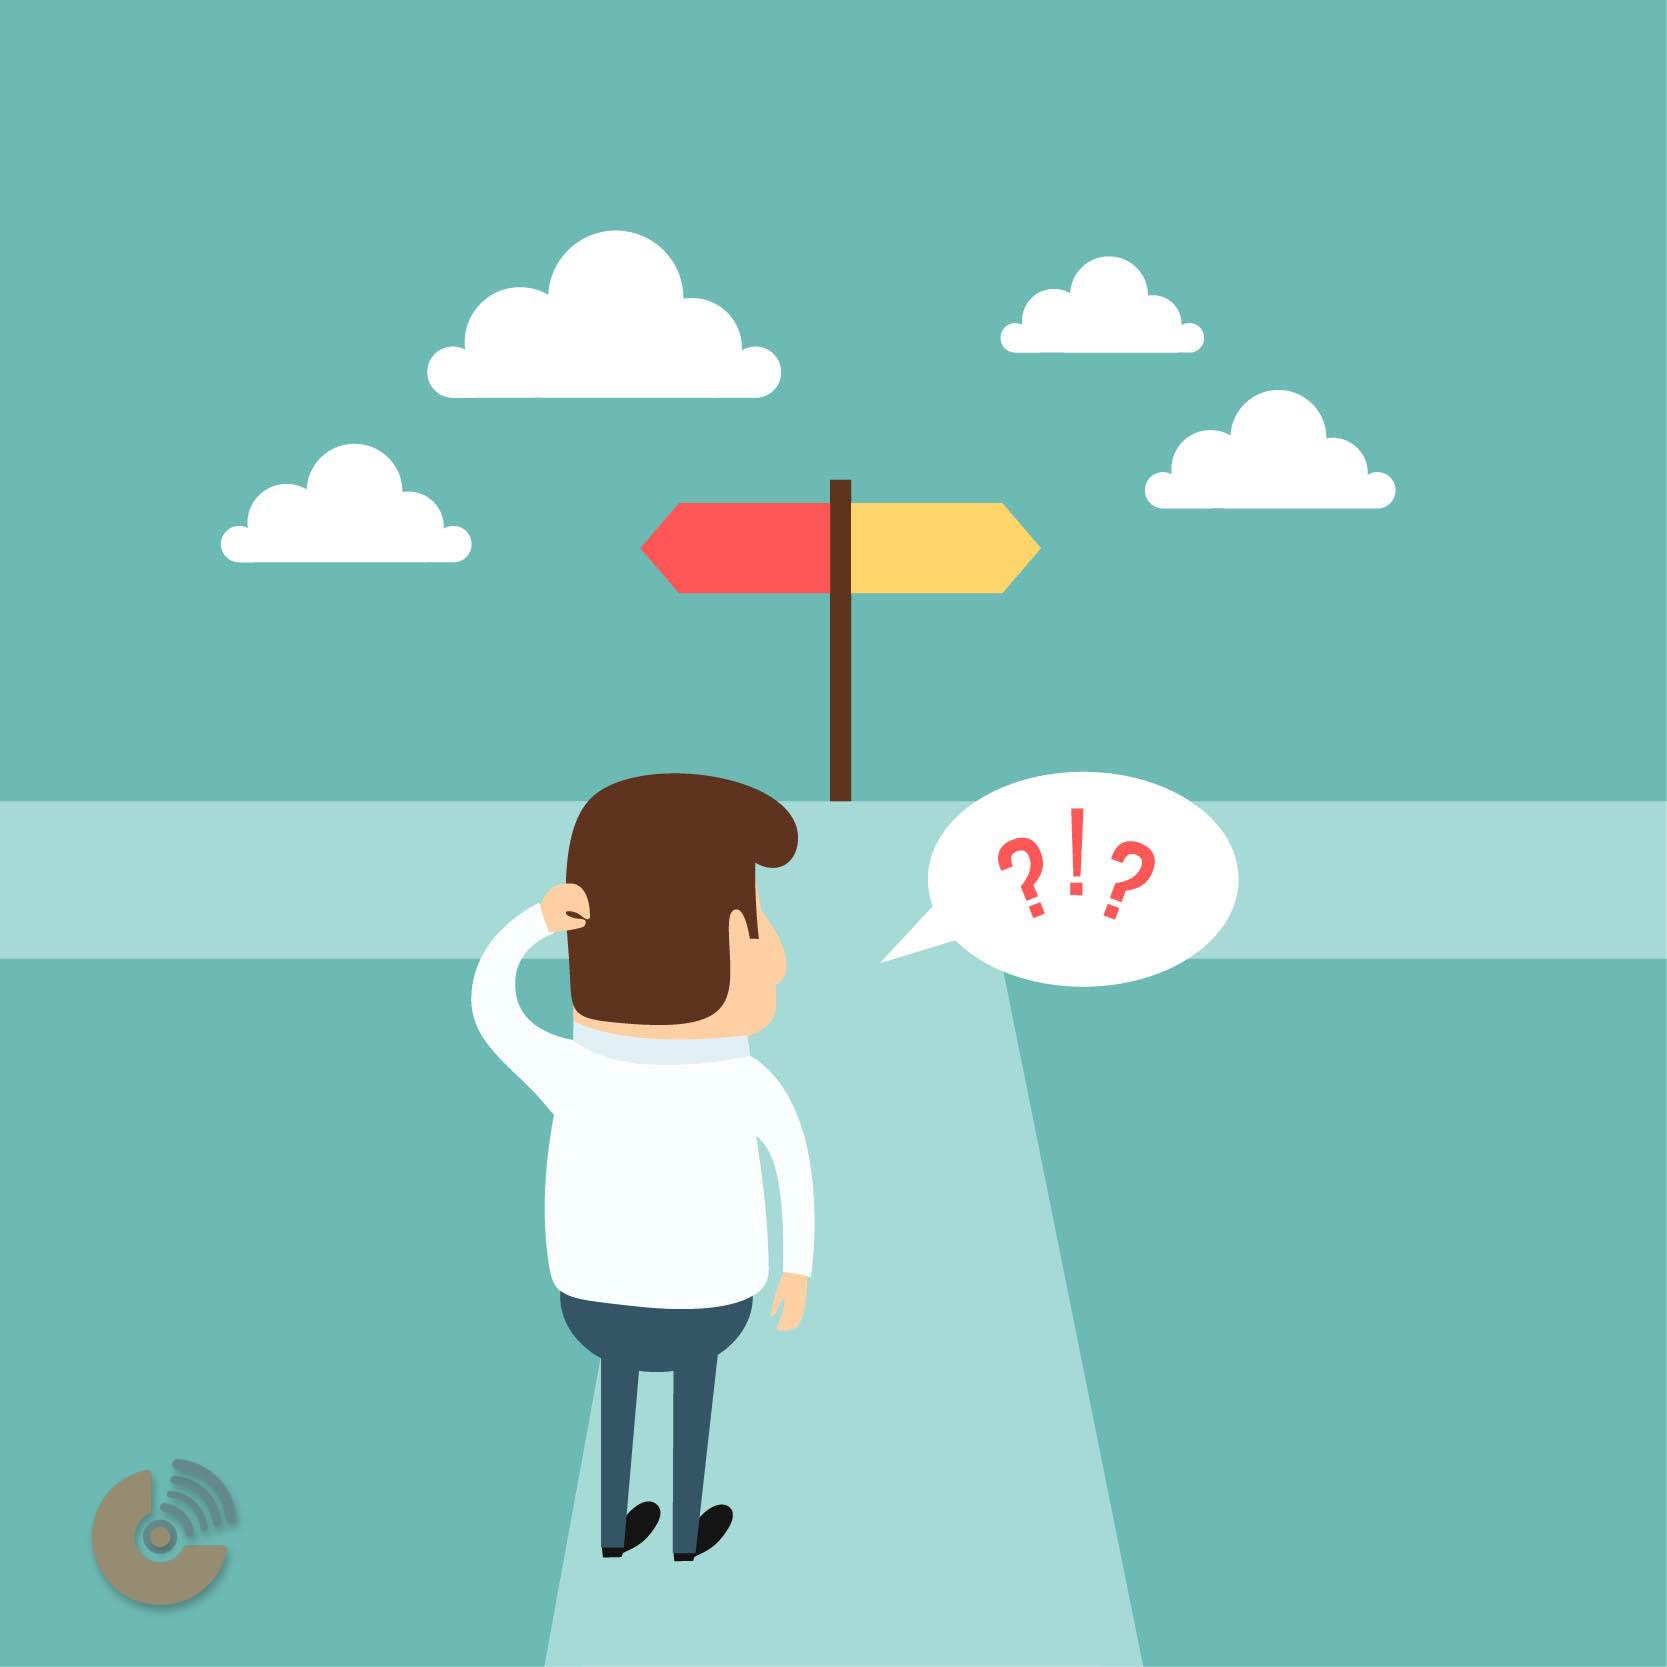 چگونه سیستم مدیریت محتوای (CMS) مناسب را انتخاب کنیم؟